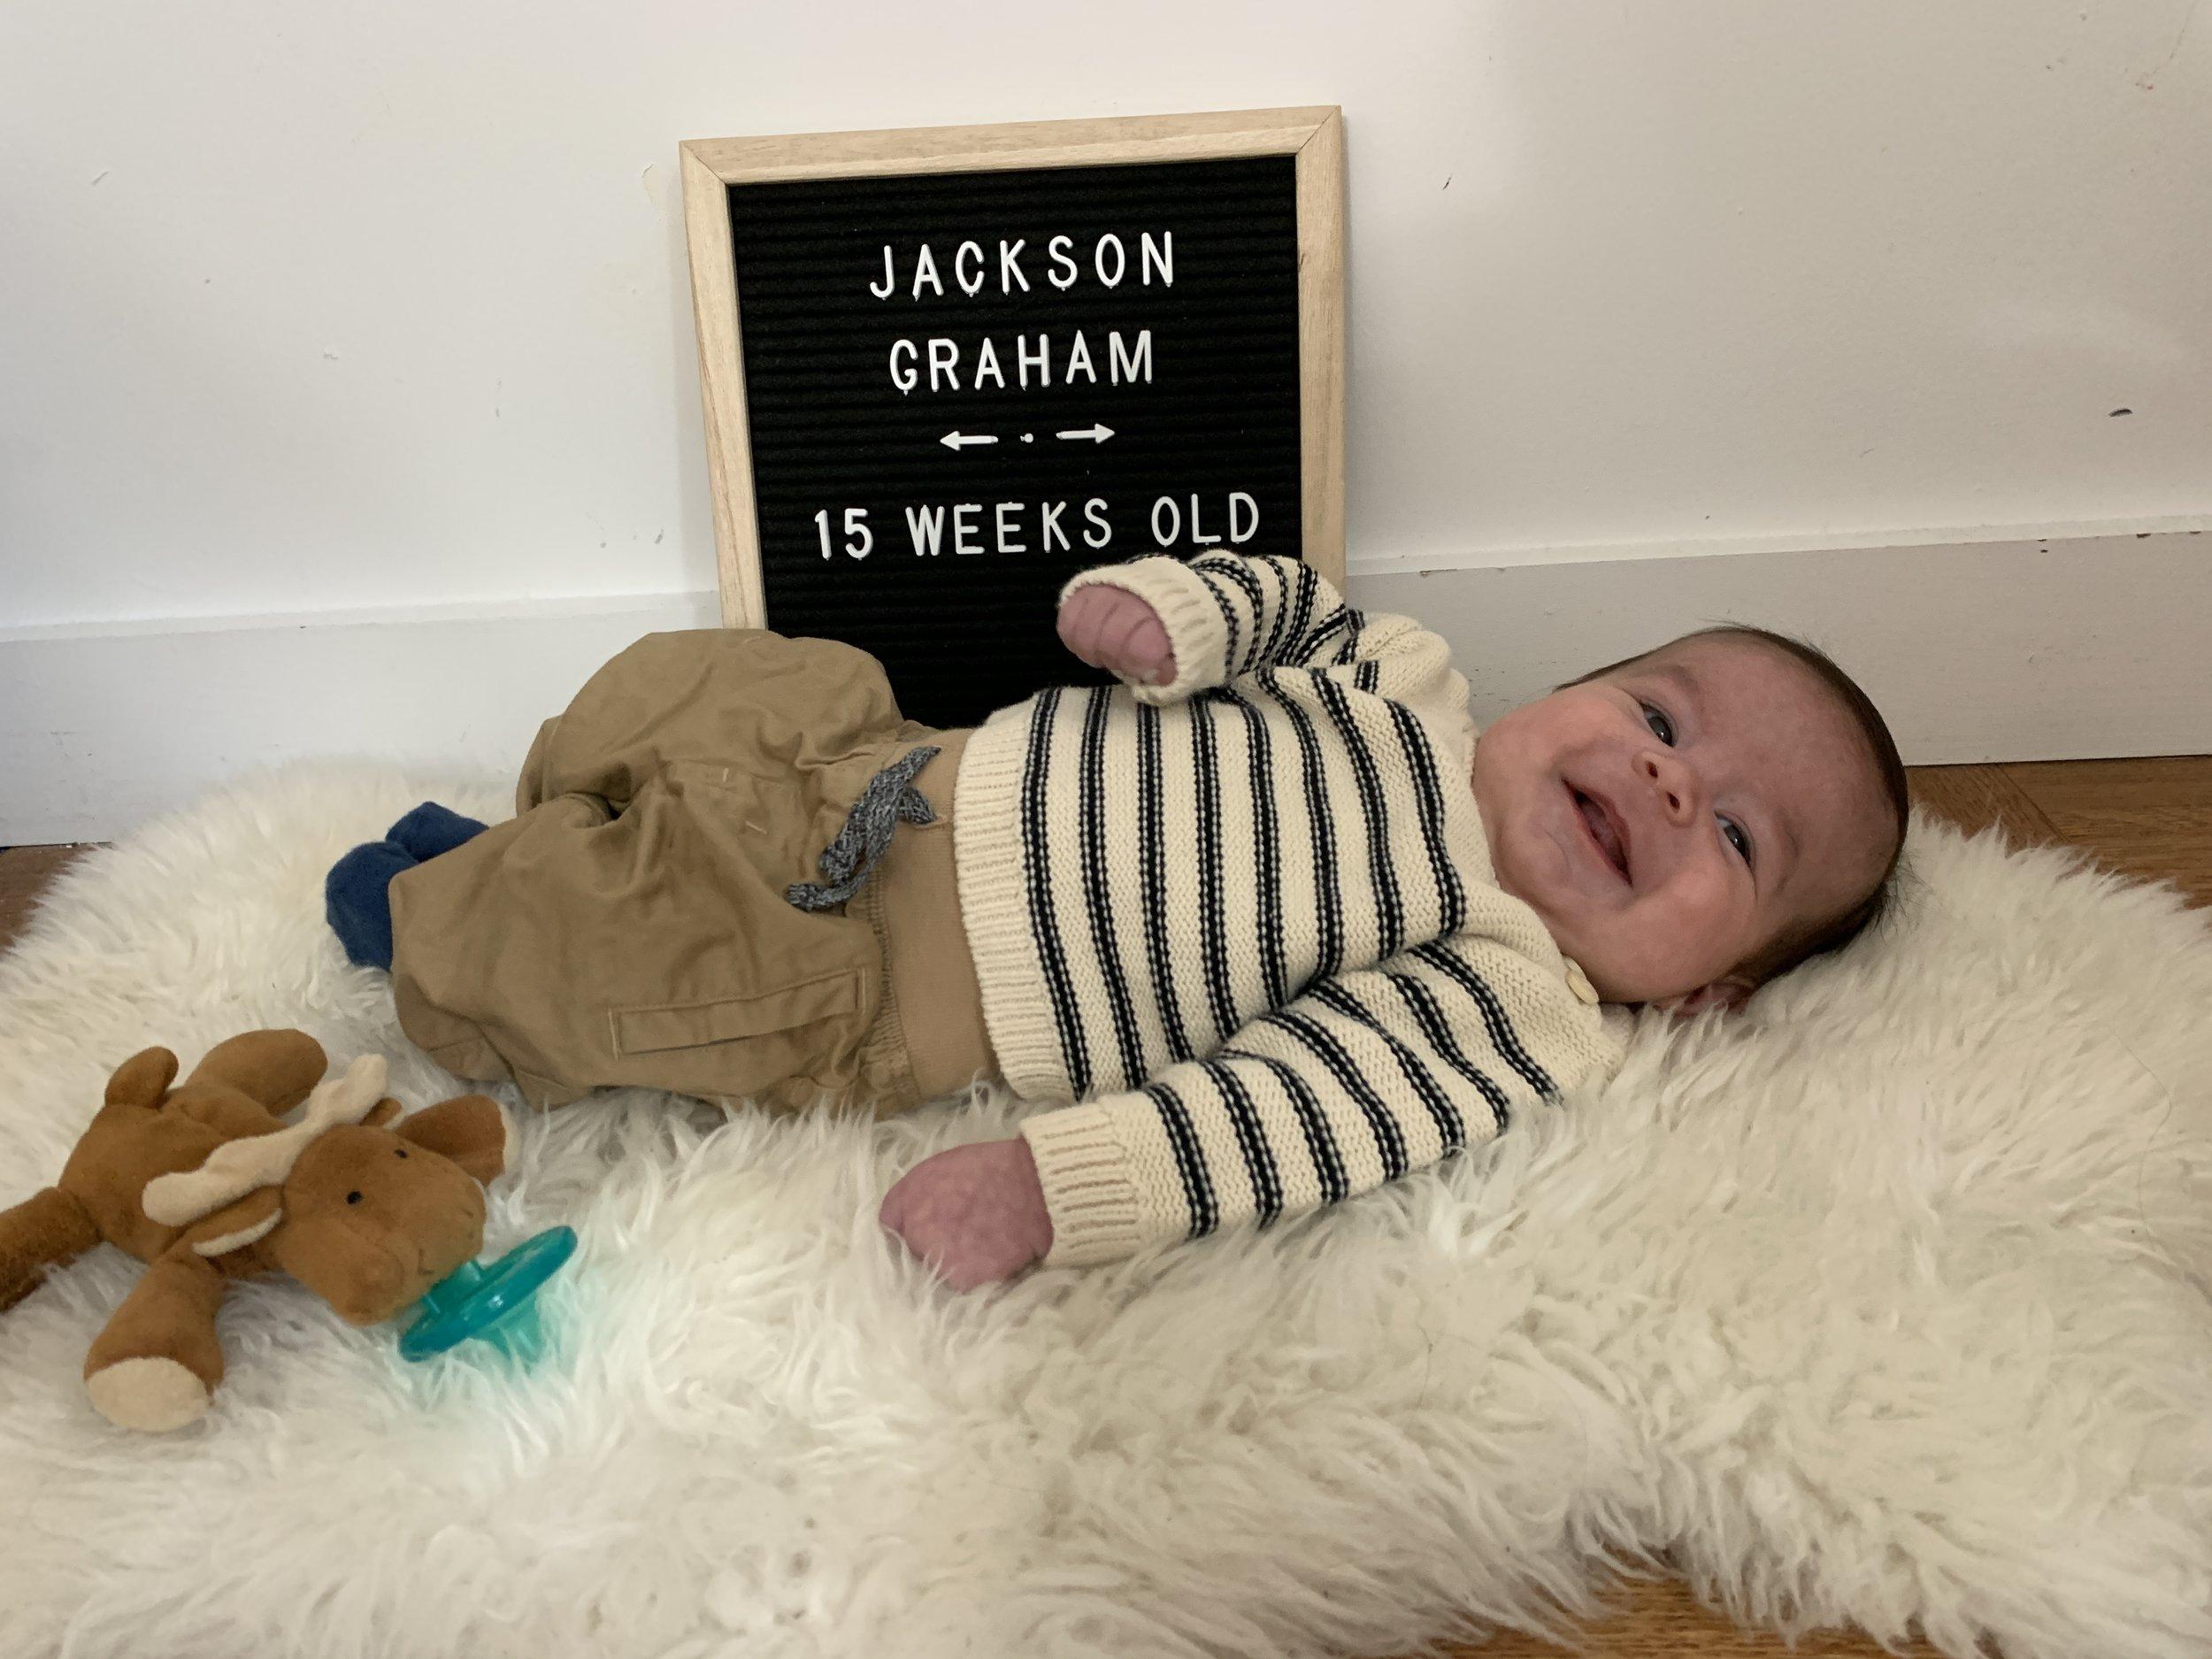 15 weeks old!